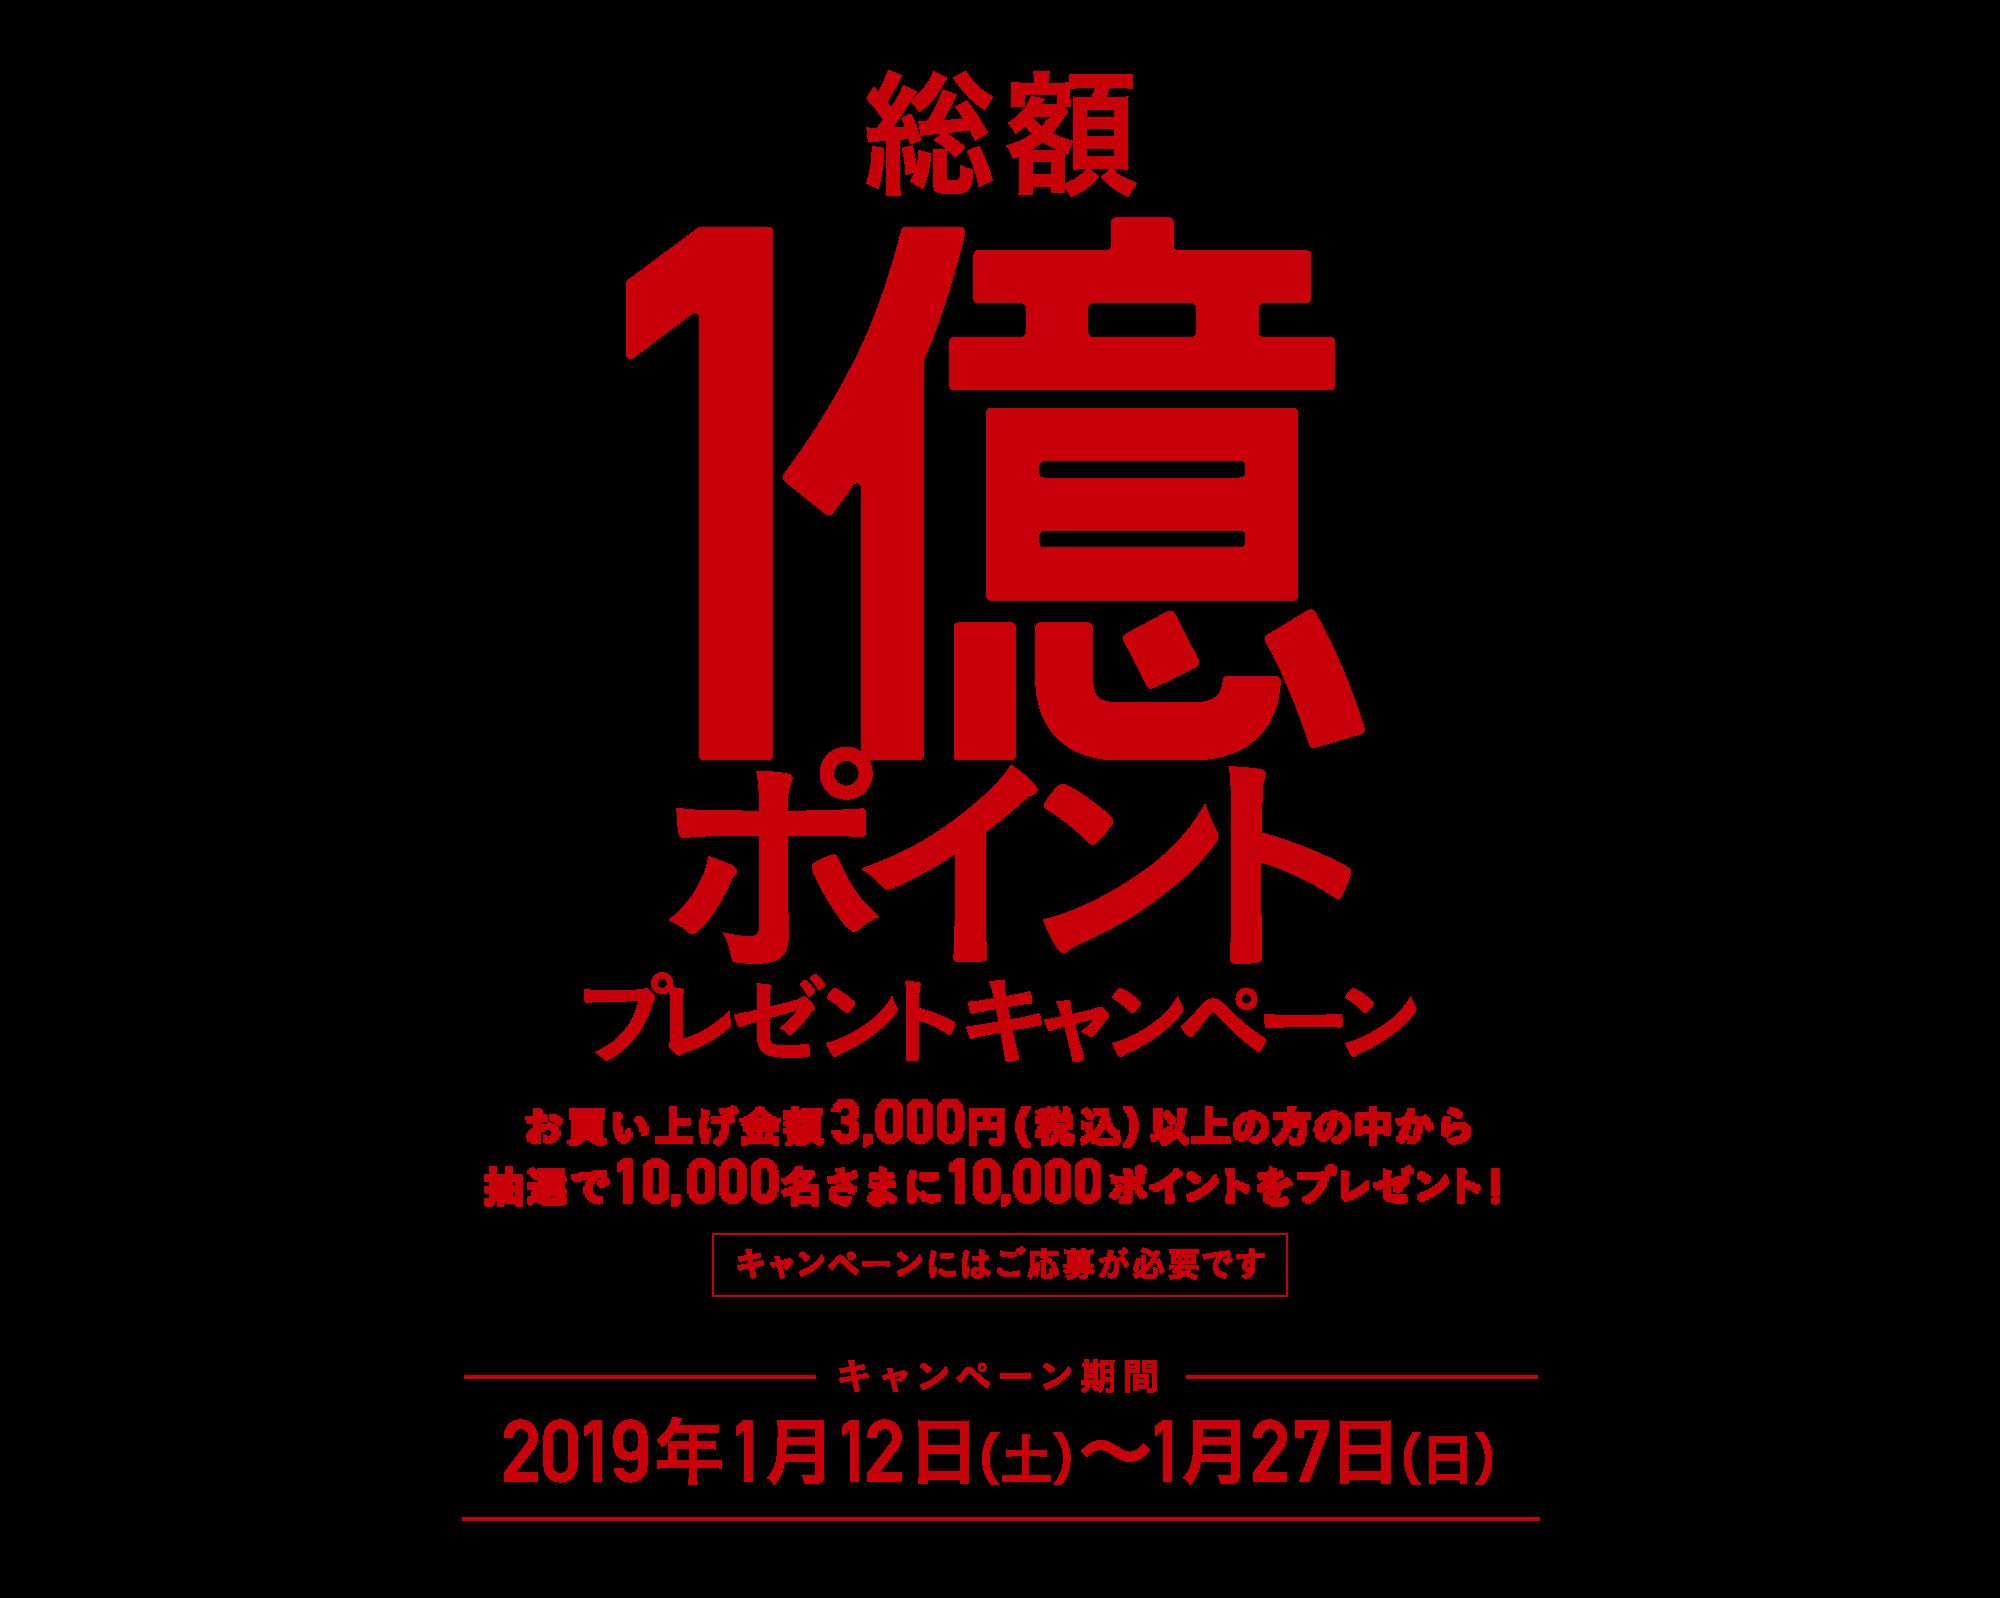 WAONで3000円以上買うと、抽選で1万名に1万ポイントが当たる。~1/27。